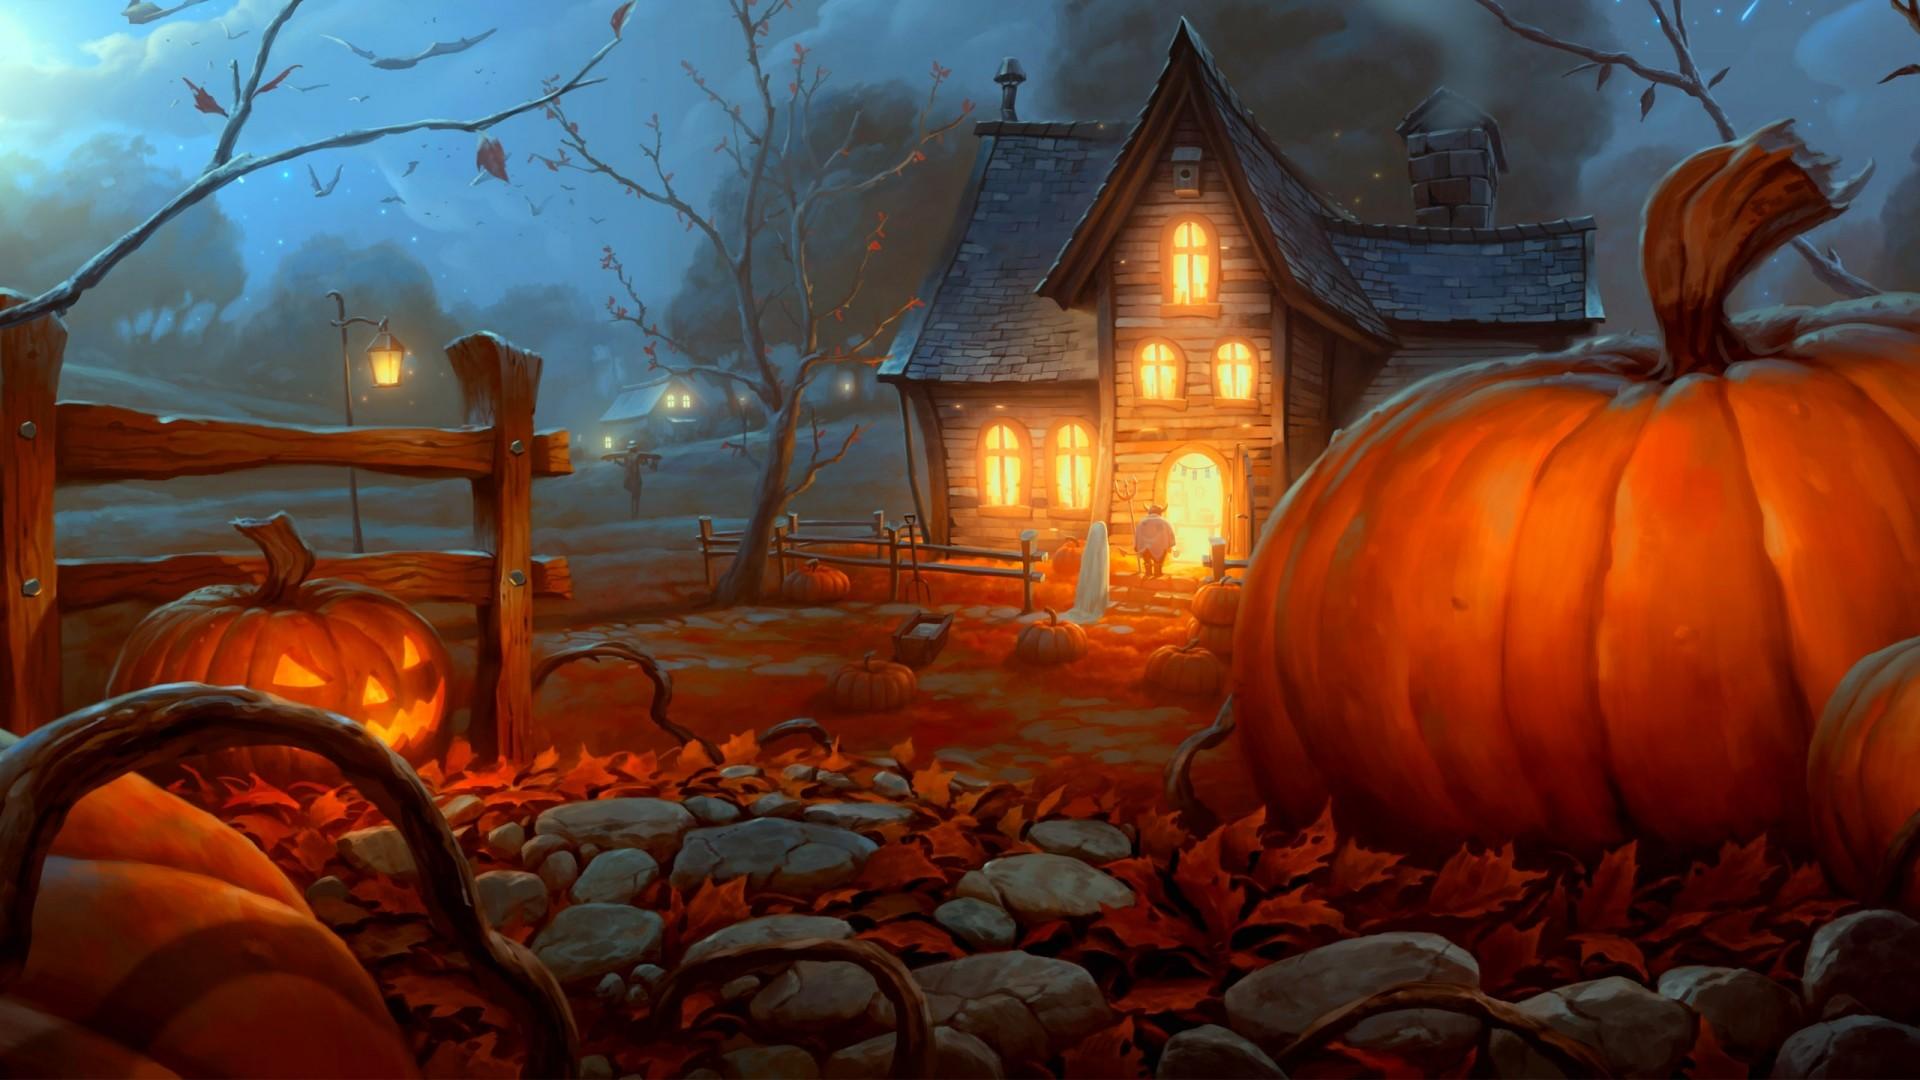 Res: 1920x1080, 7. halloween-desktop-wallpaper-free7-600x338